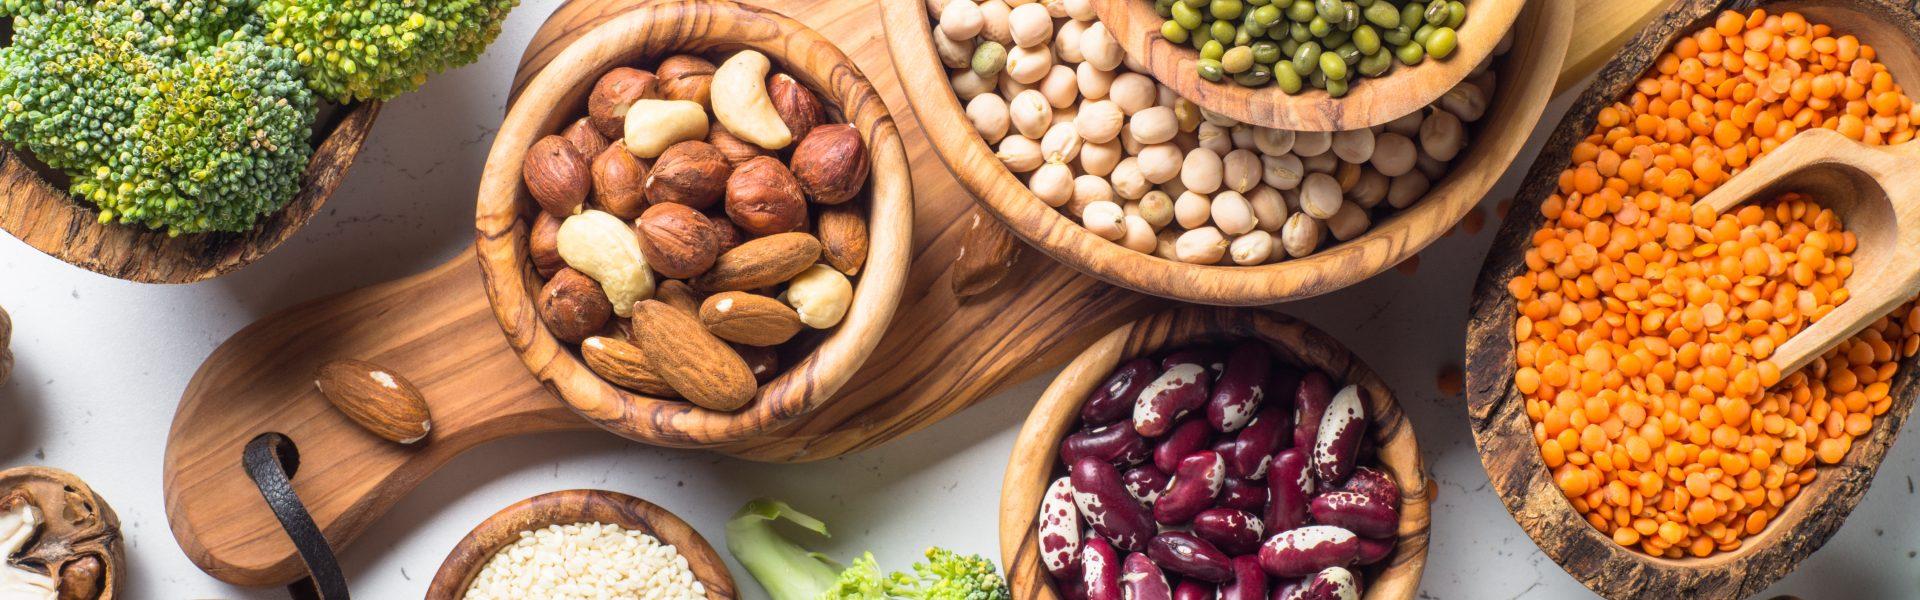 Les aliments naturellement sources de protéines 1